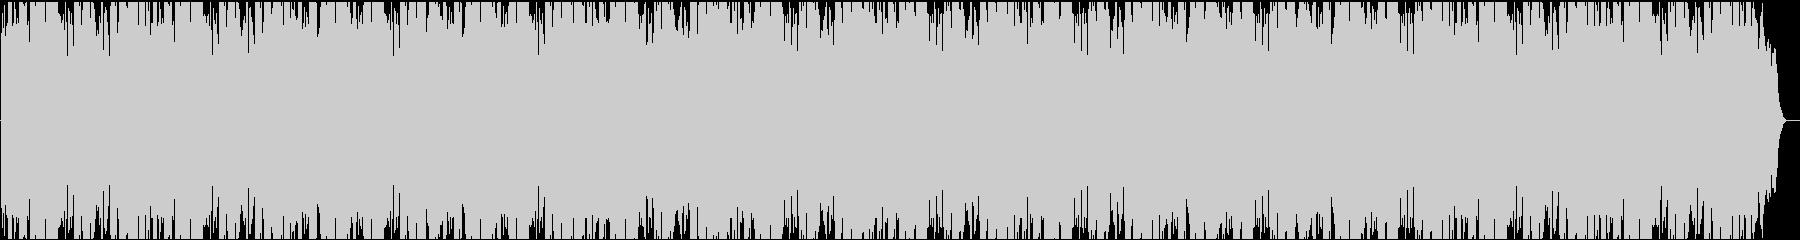 動画7 24bit44.1kHzVerの未再生の波形